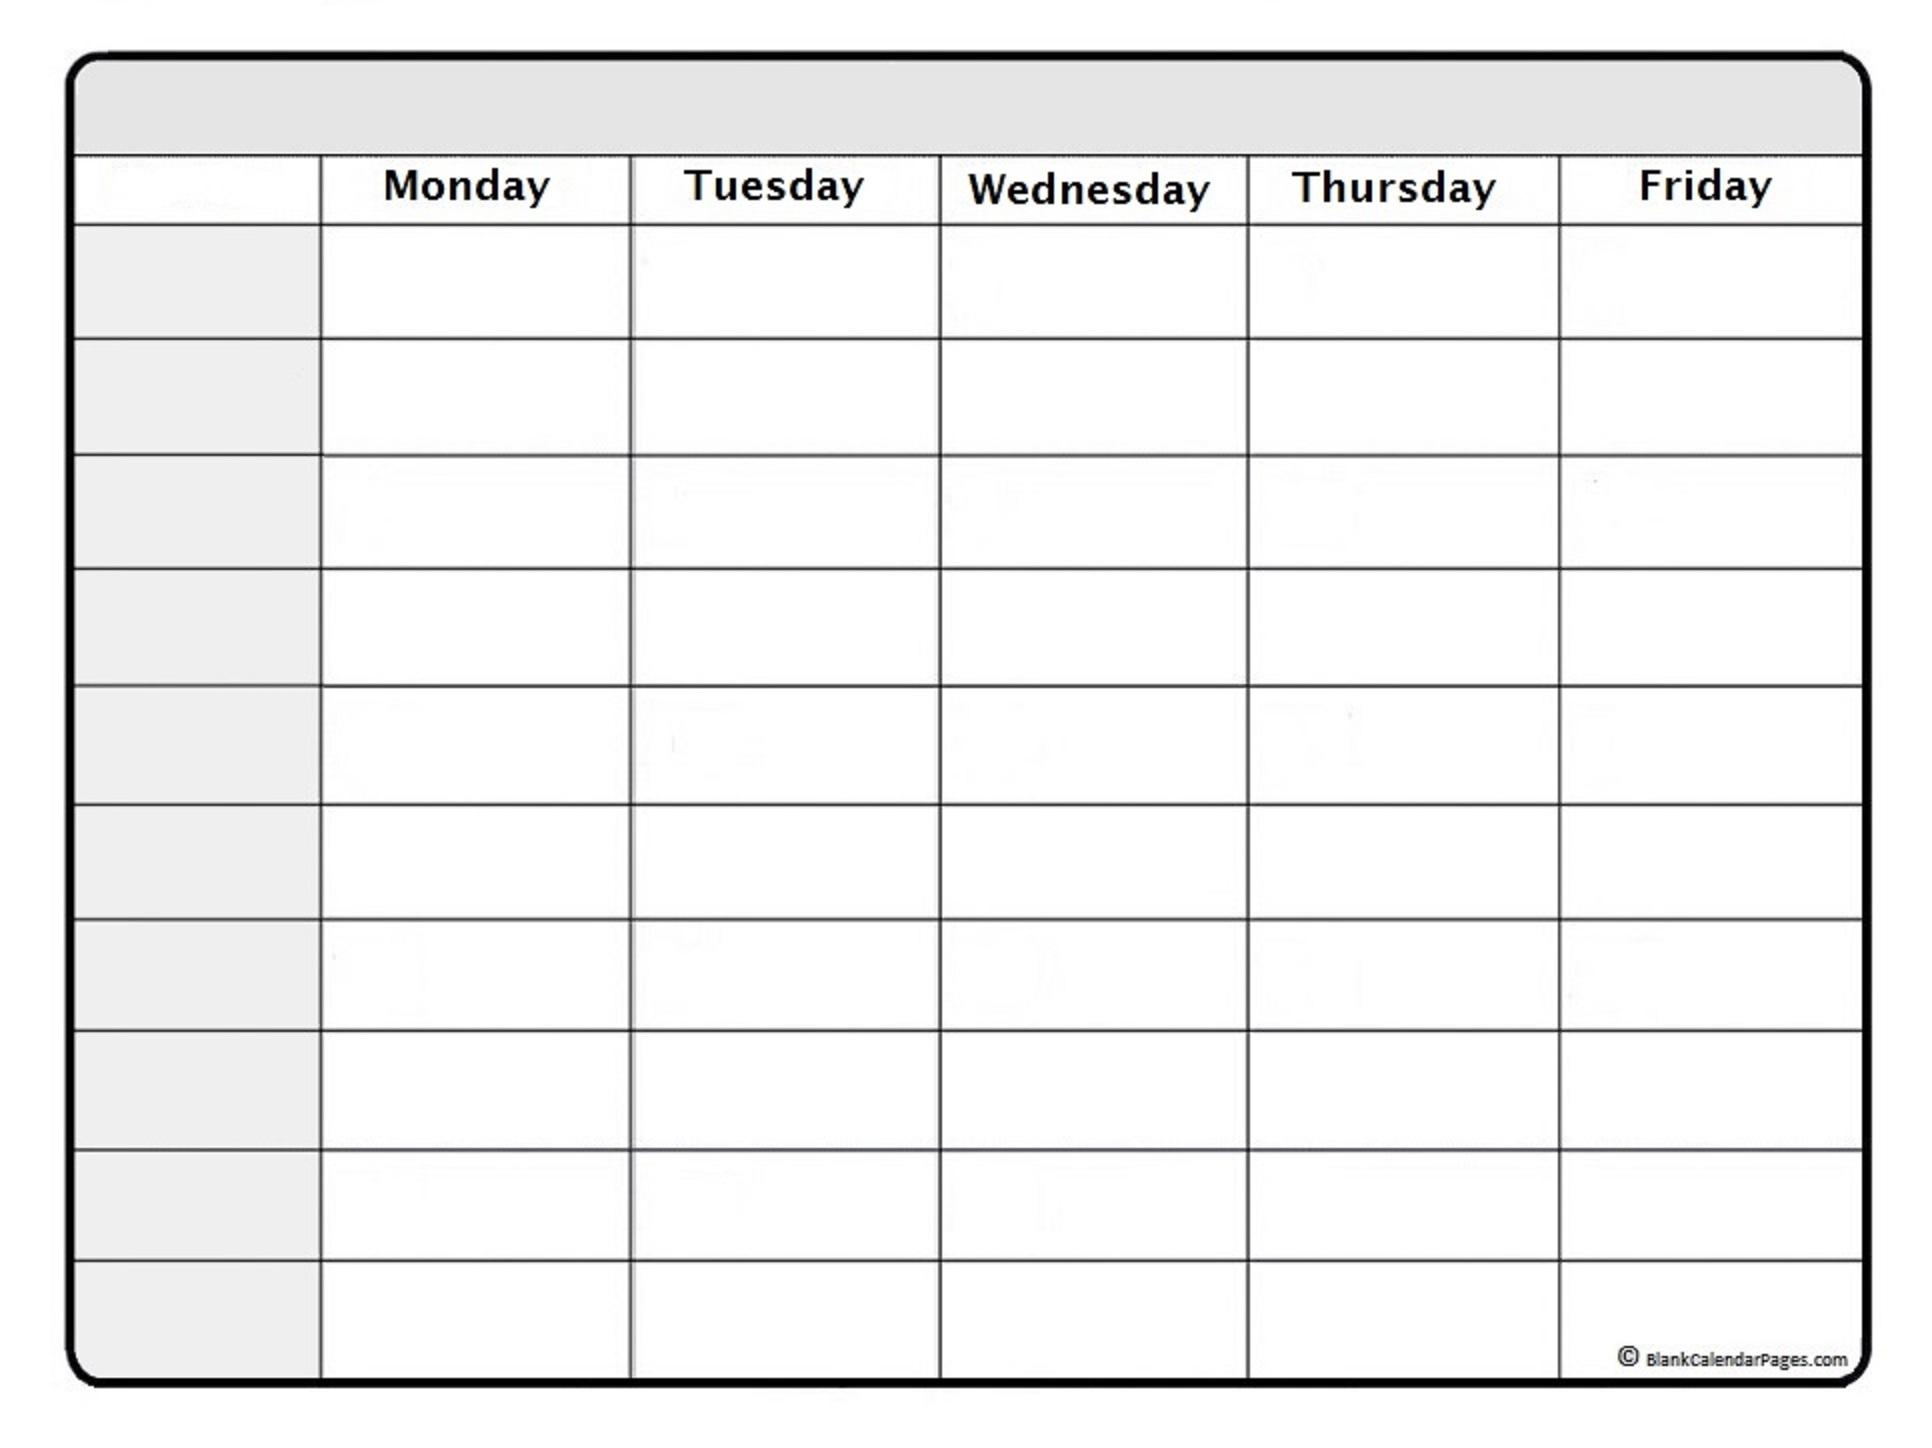 December 2019 Weekly Calendar   December 2019 Weekly